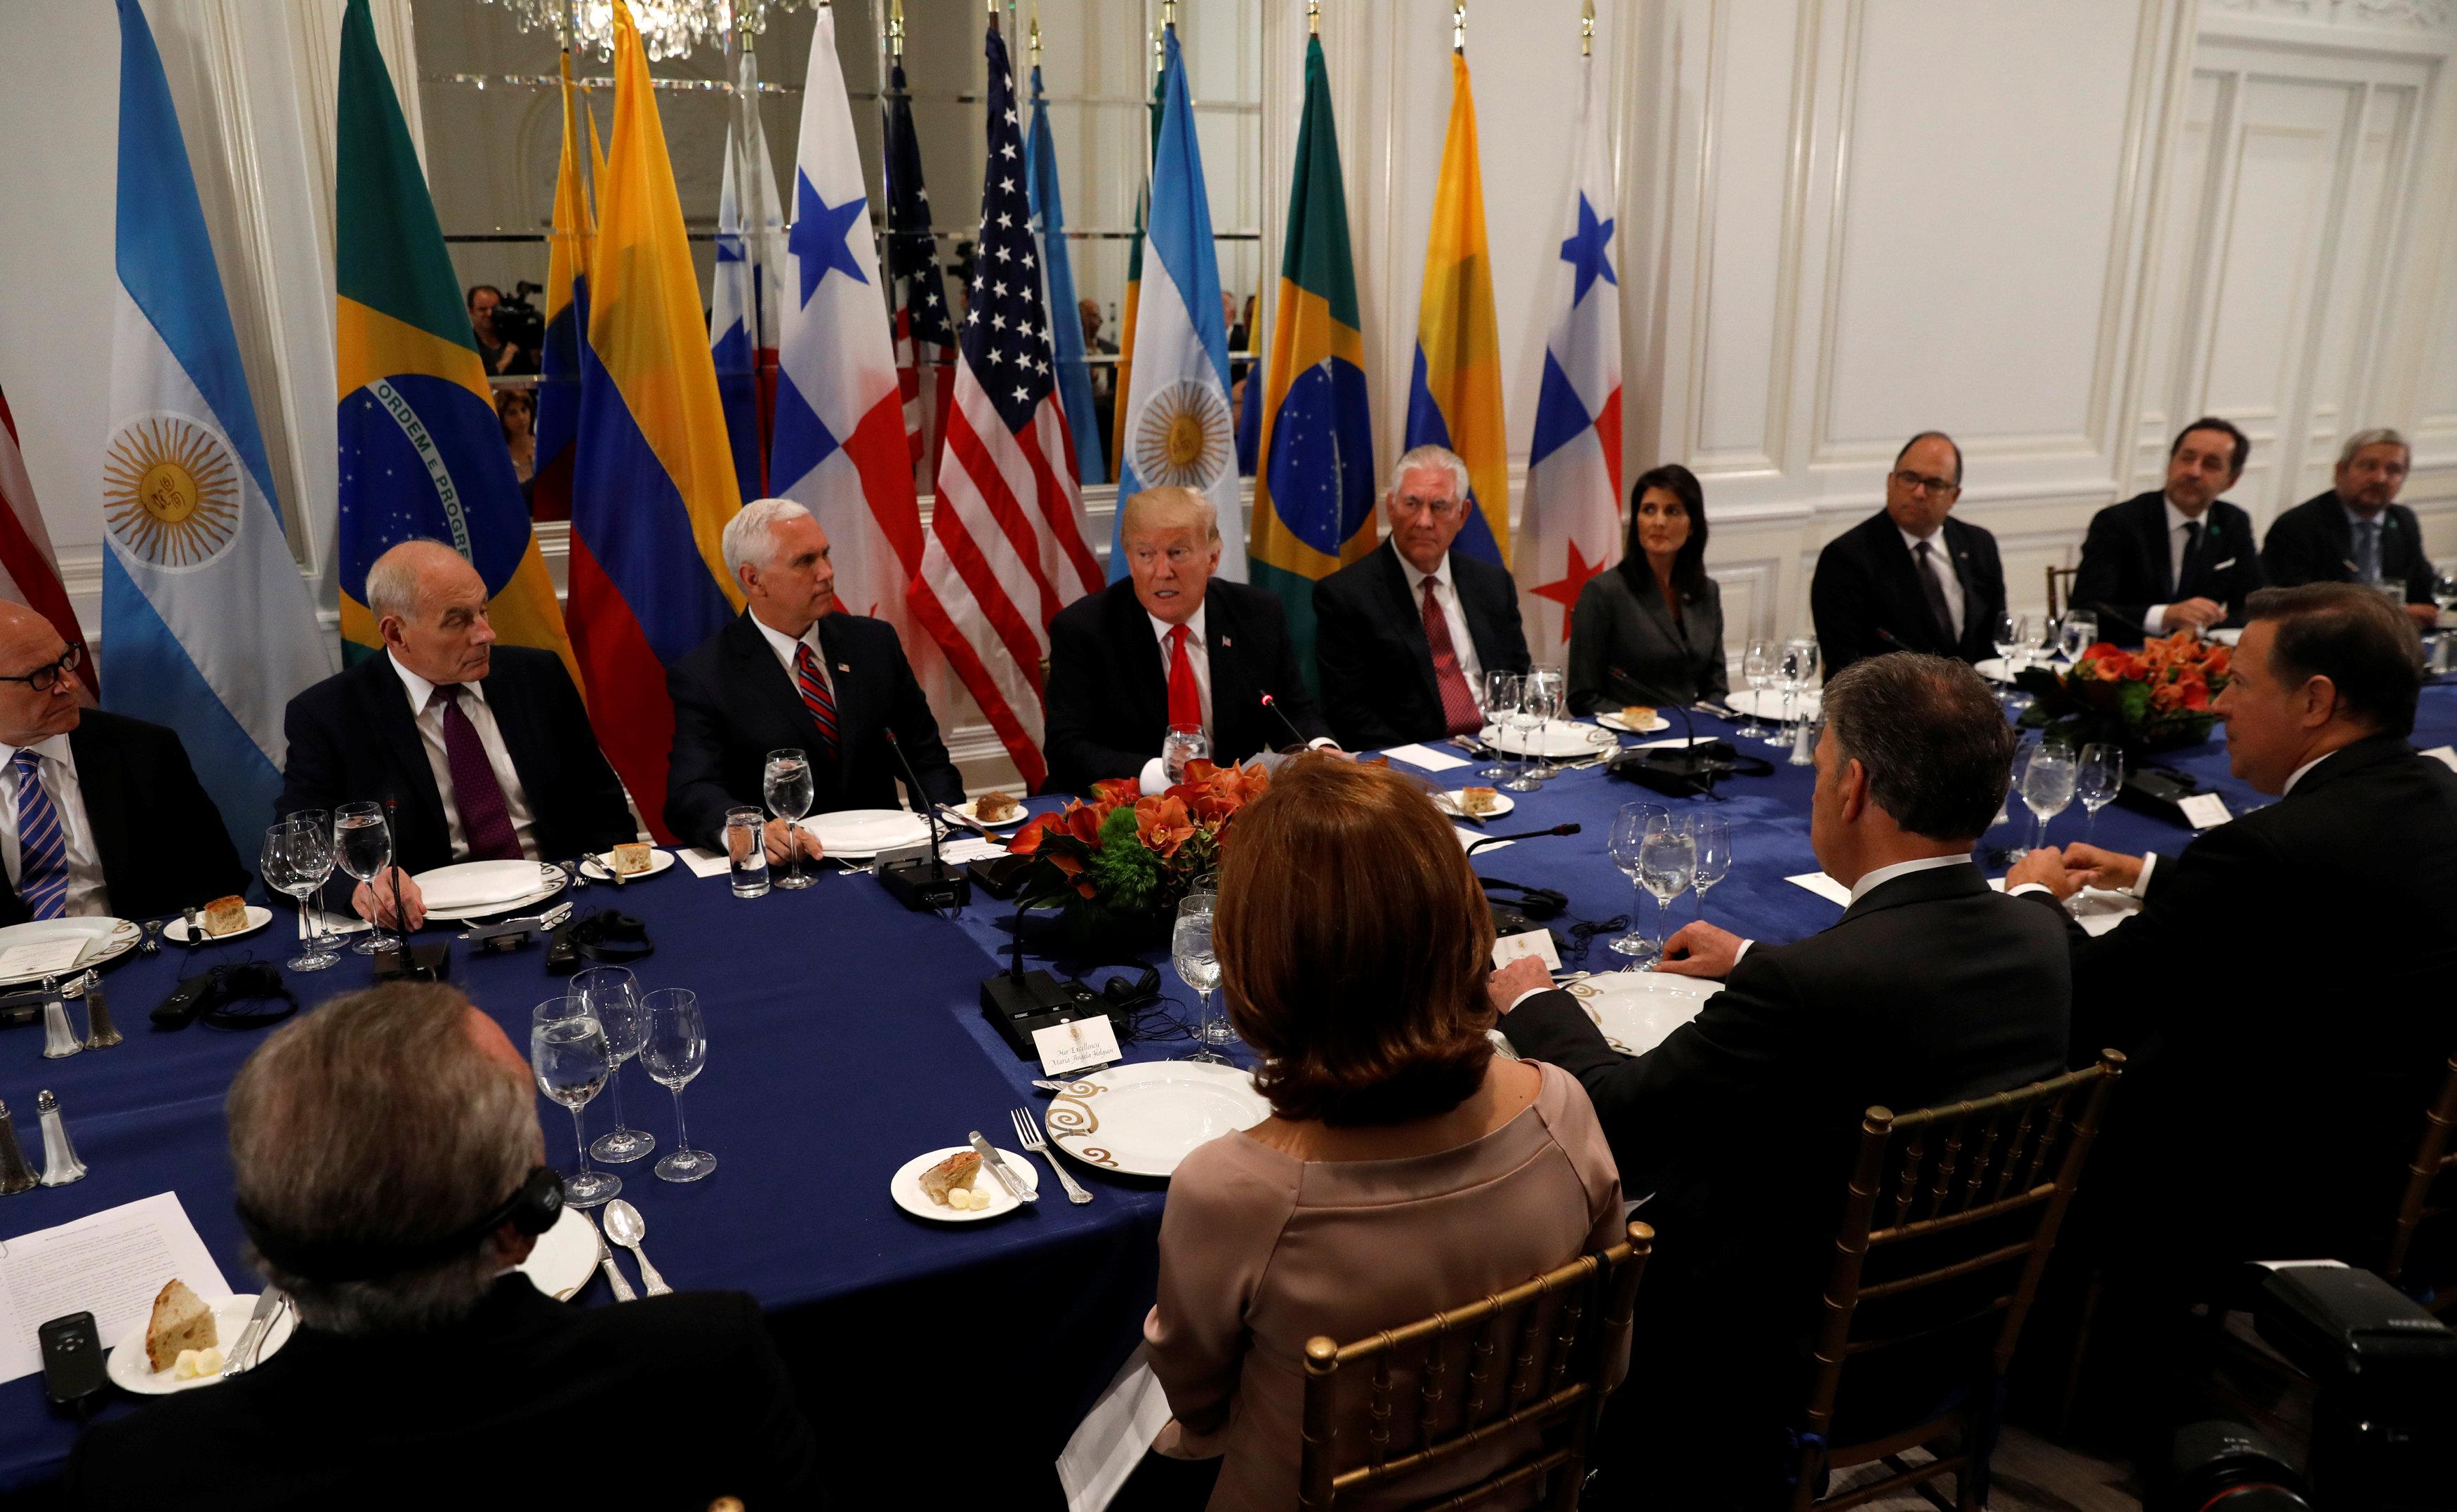 El presidente de Estados Unidos, Donald Trump, participa en una cena con líderes latinoamericanos en Nueva York, EEUU, 18 de septiembre de 2017. REUTERS/Kevin Lamarque